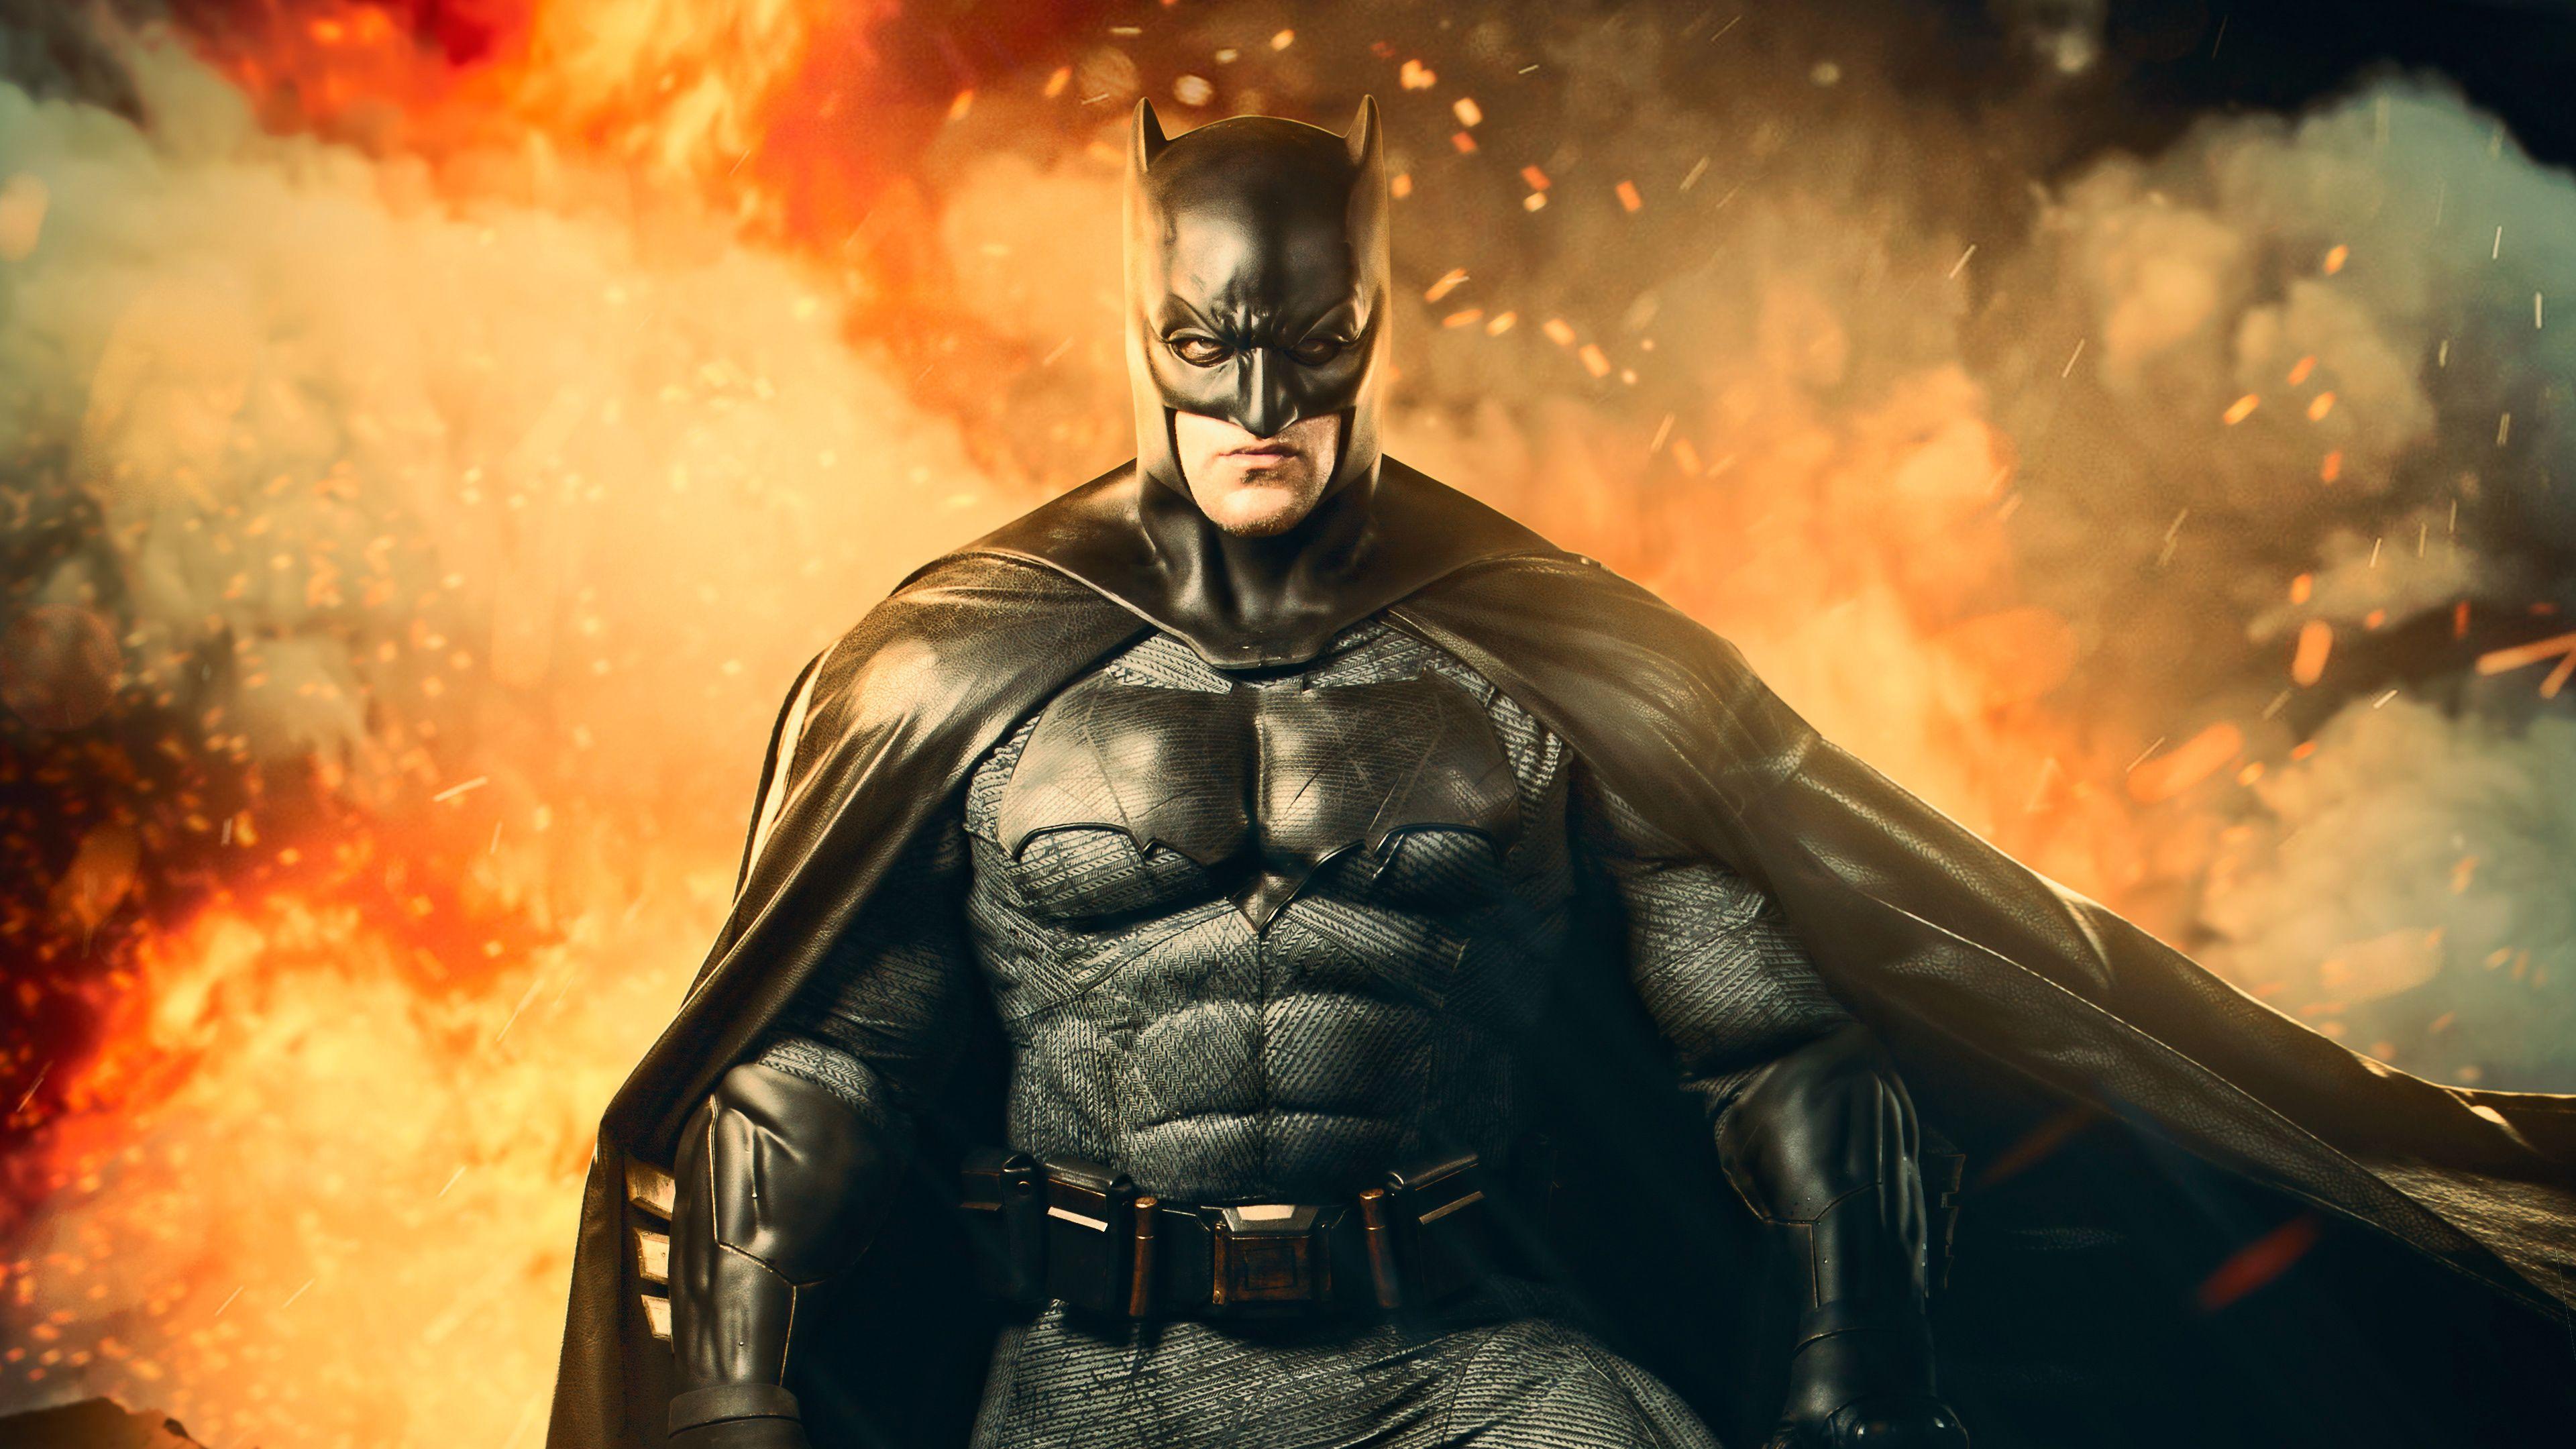 Batman 4k Cosplay Superheroes Wallpapers Hd Wallpapers Cosplay Wallpapers Batman Wallpapers Artist Wallpapers 4k Wallpap Batman Wallpaper Batman Superhero